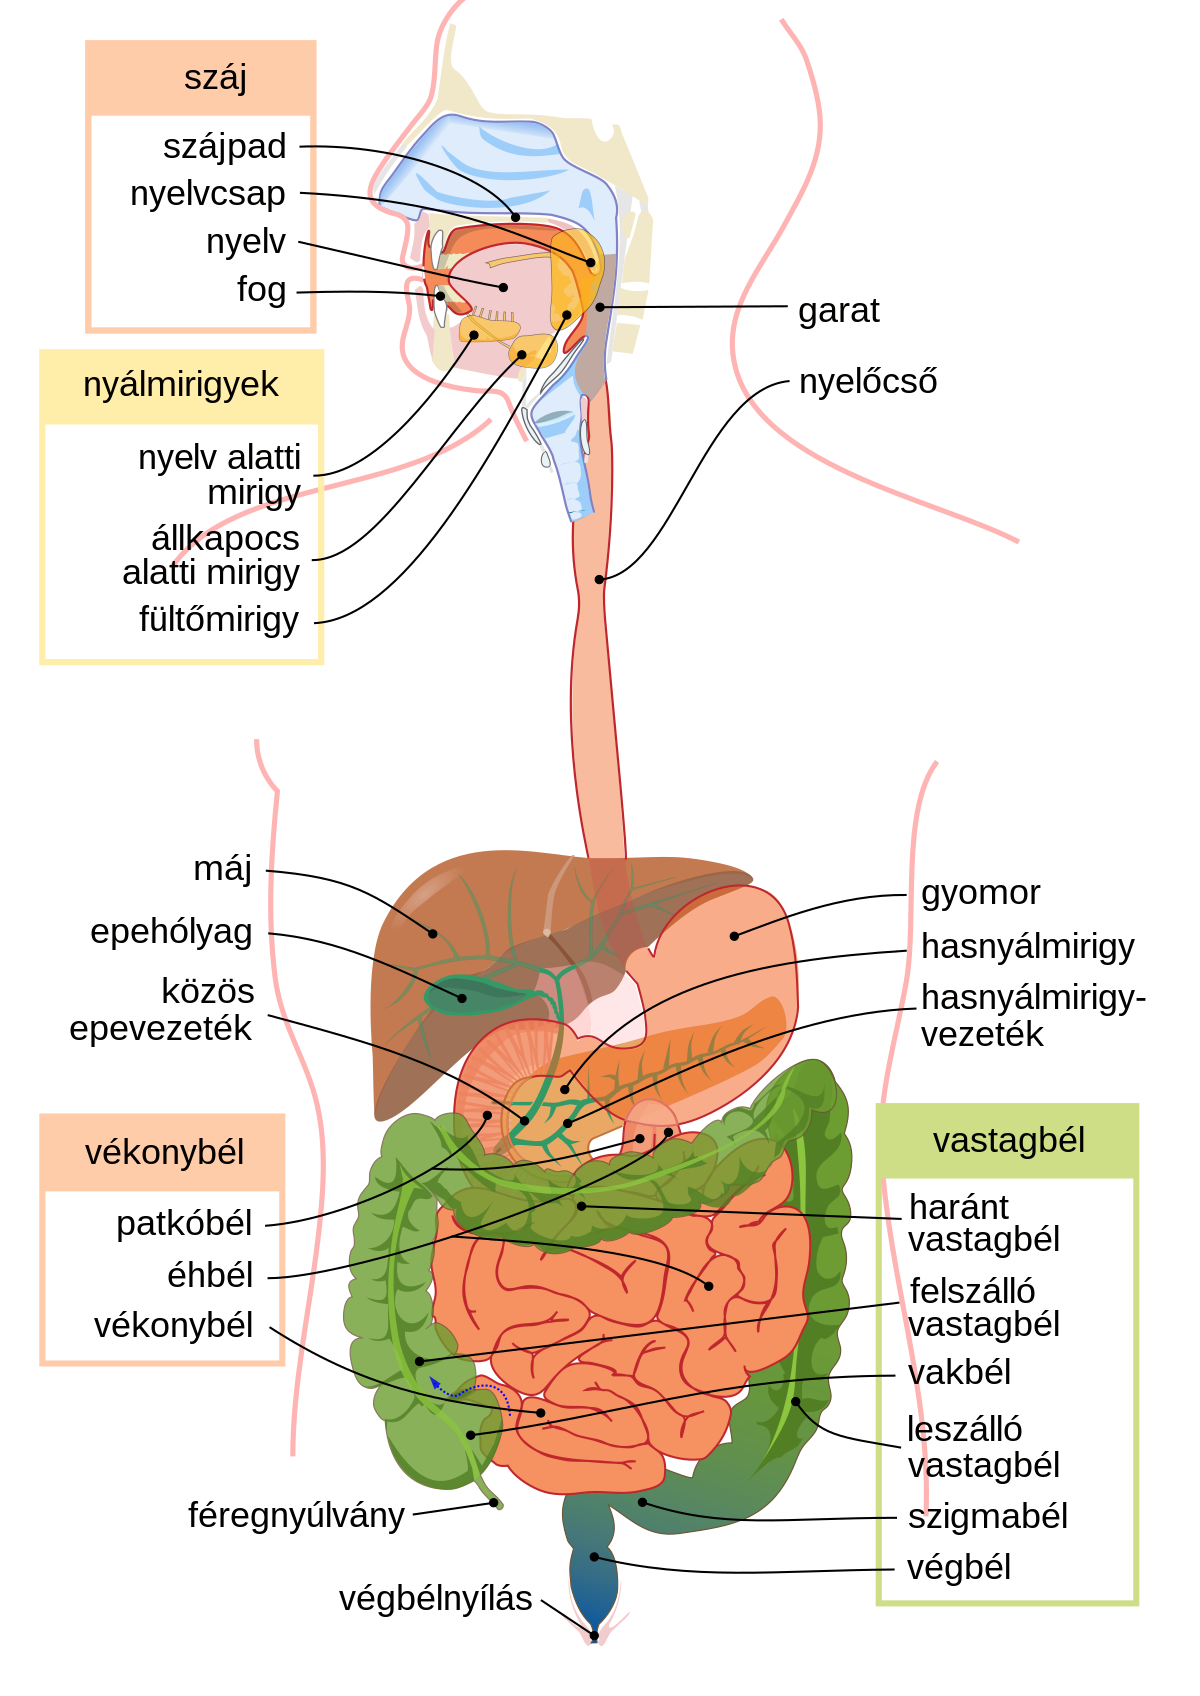 gyógyszerek emésztőrendszeri parazitákhoz